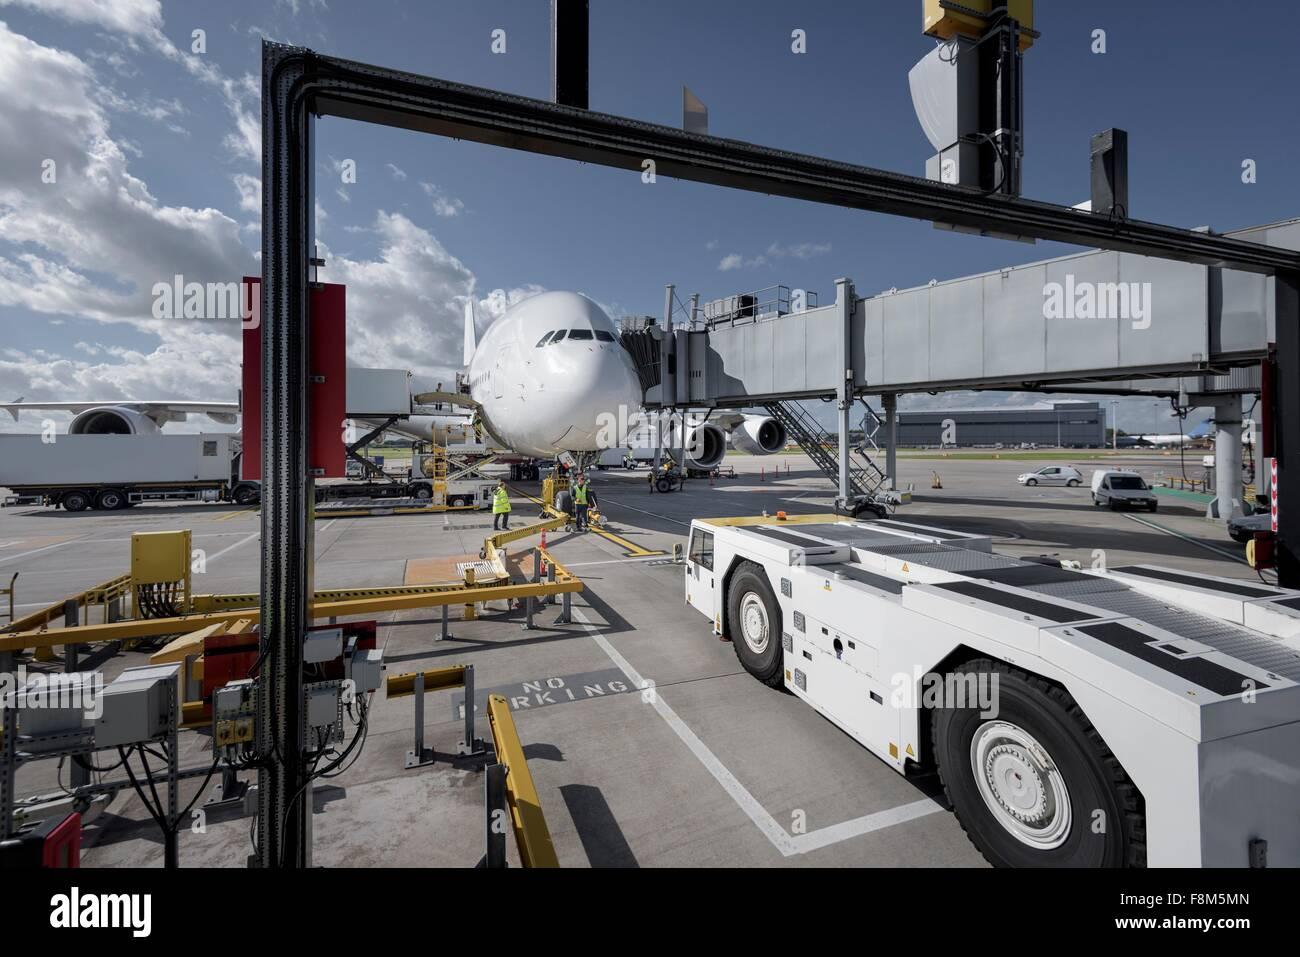 Aviones A380 y tirar en el stand en el aeropuerto Imagen De Stock